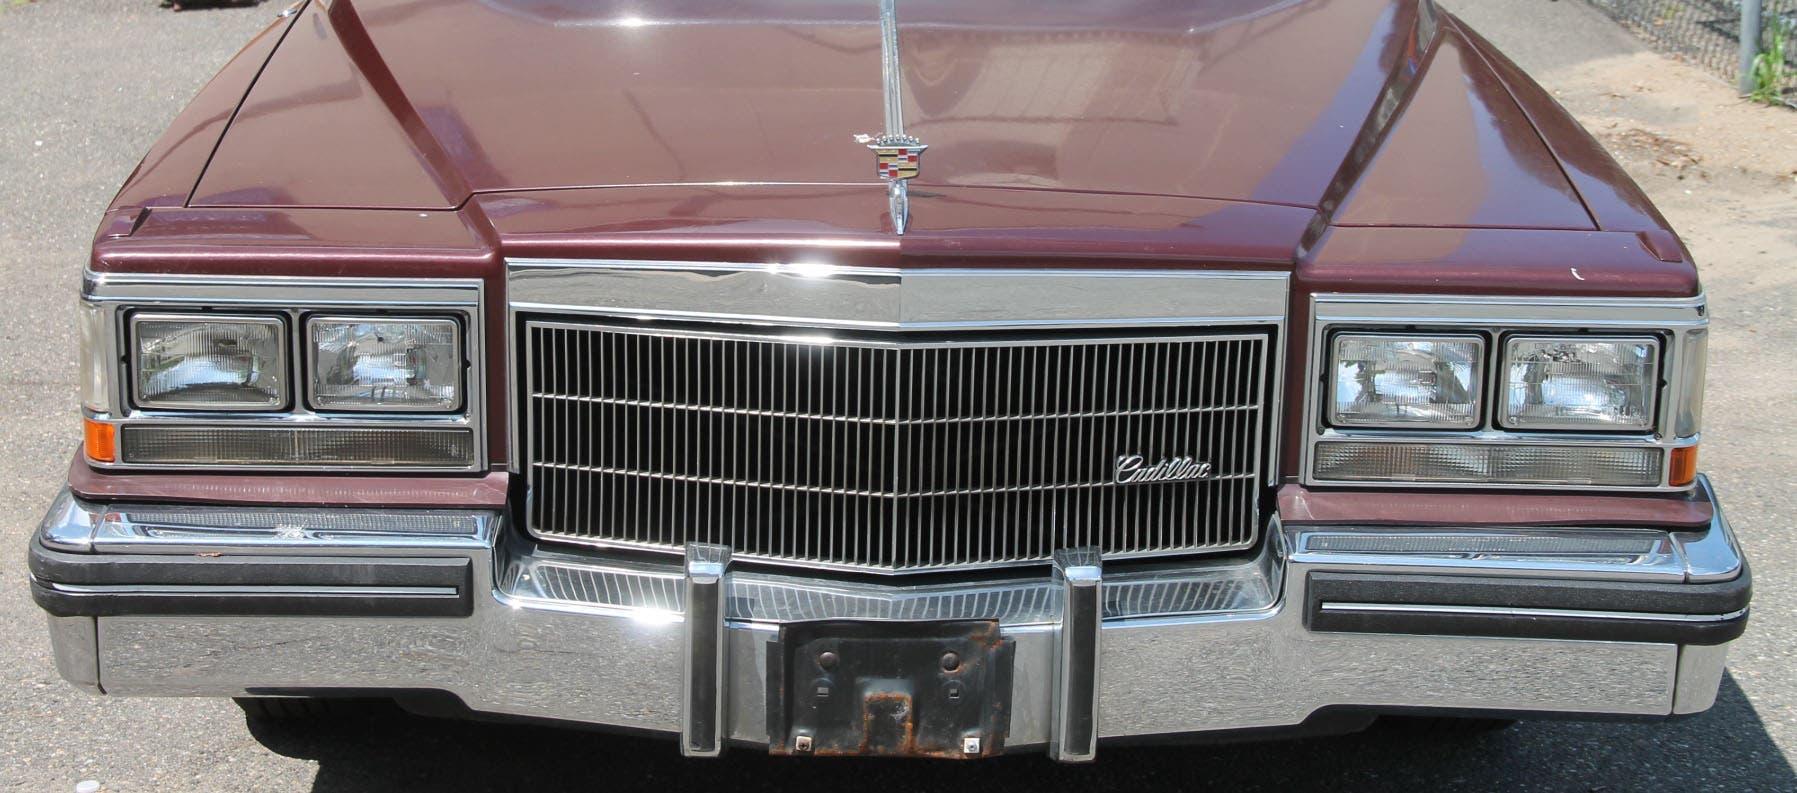 FOR SALE: 1983 Cadillac Sedan DeVille | Montclair, NJ Patch